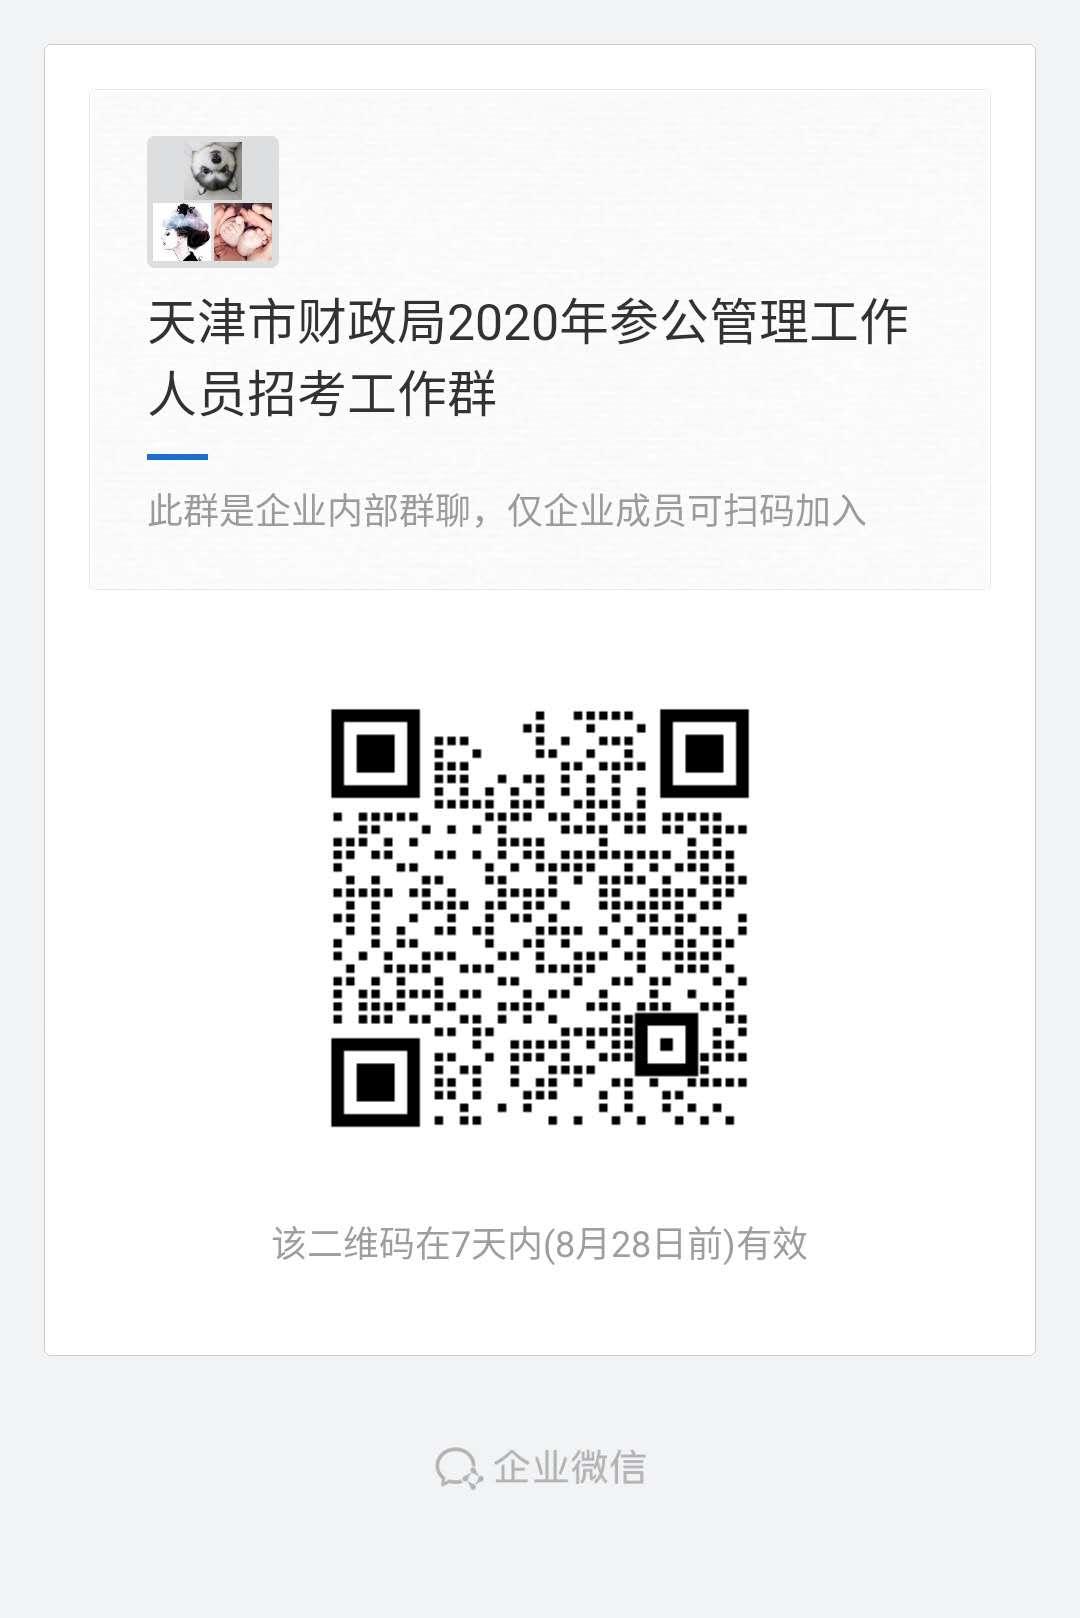 2020年天津公务员考试市财政局笔试成绩及资格复审工作通知